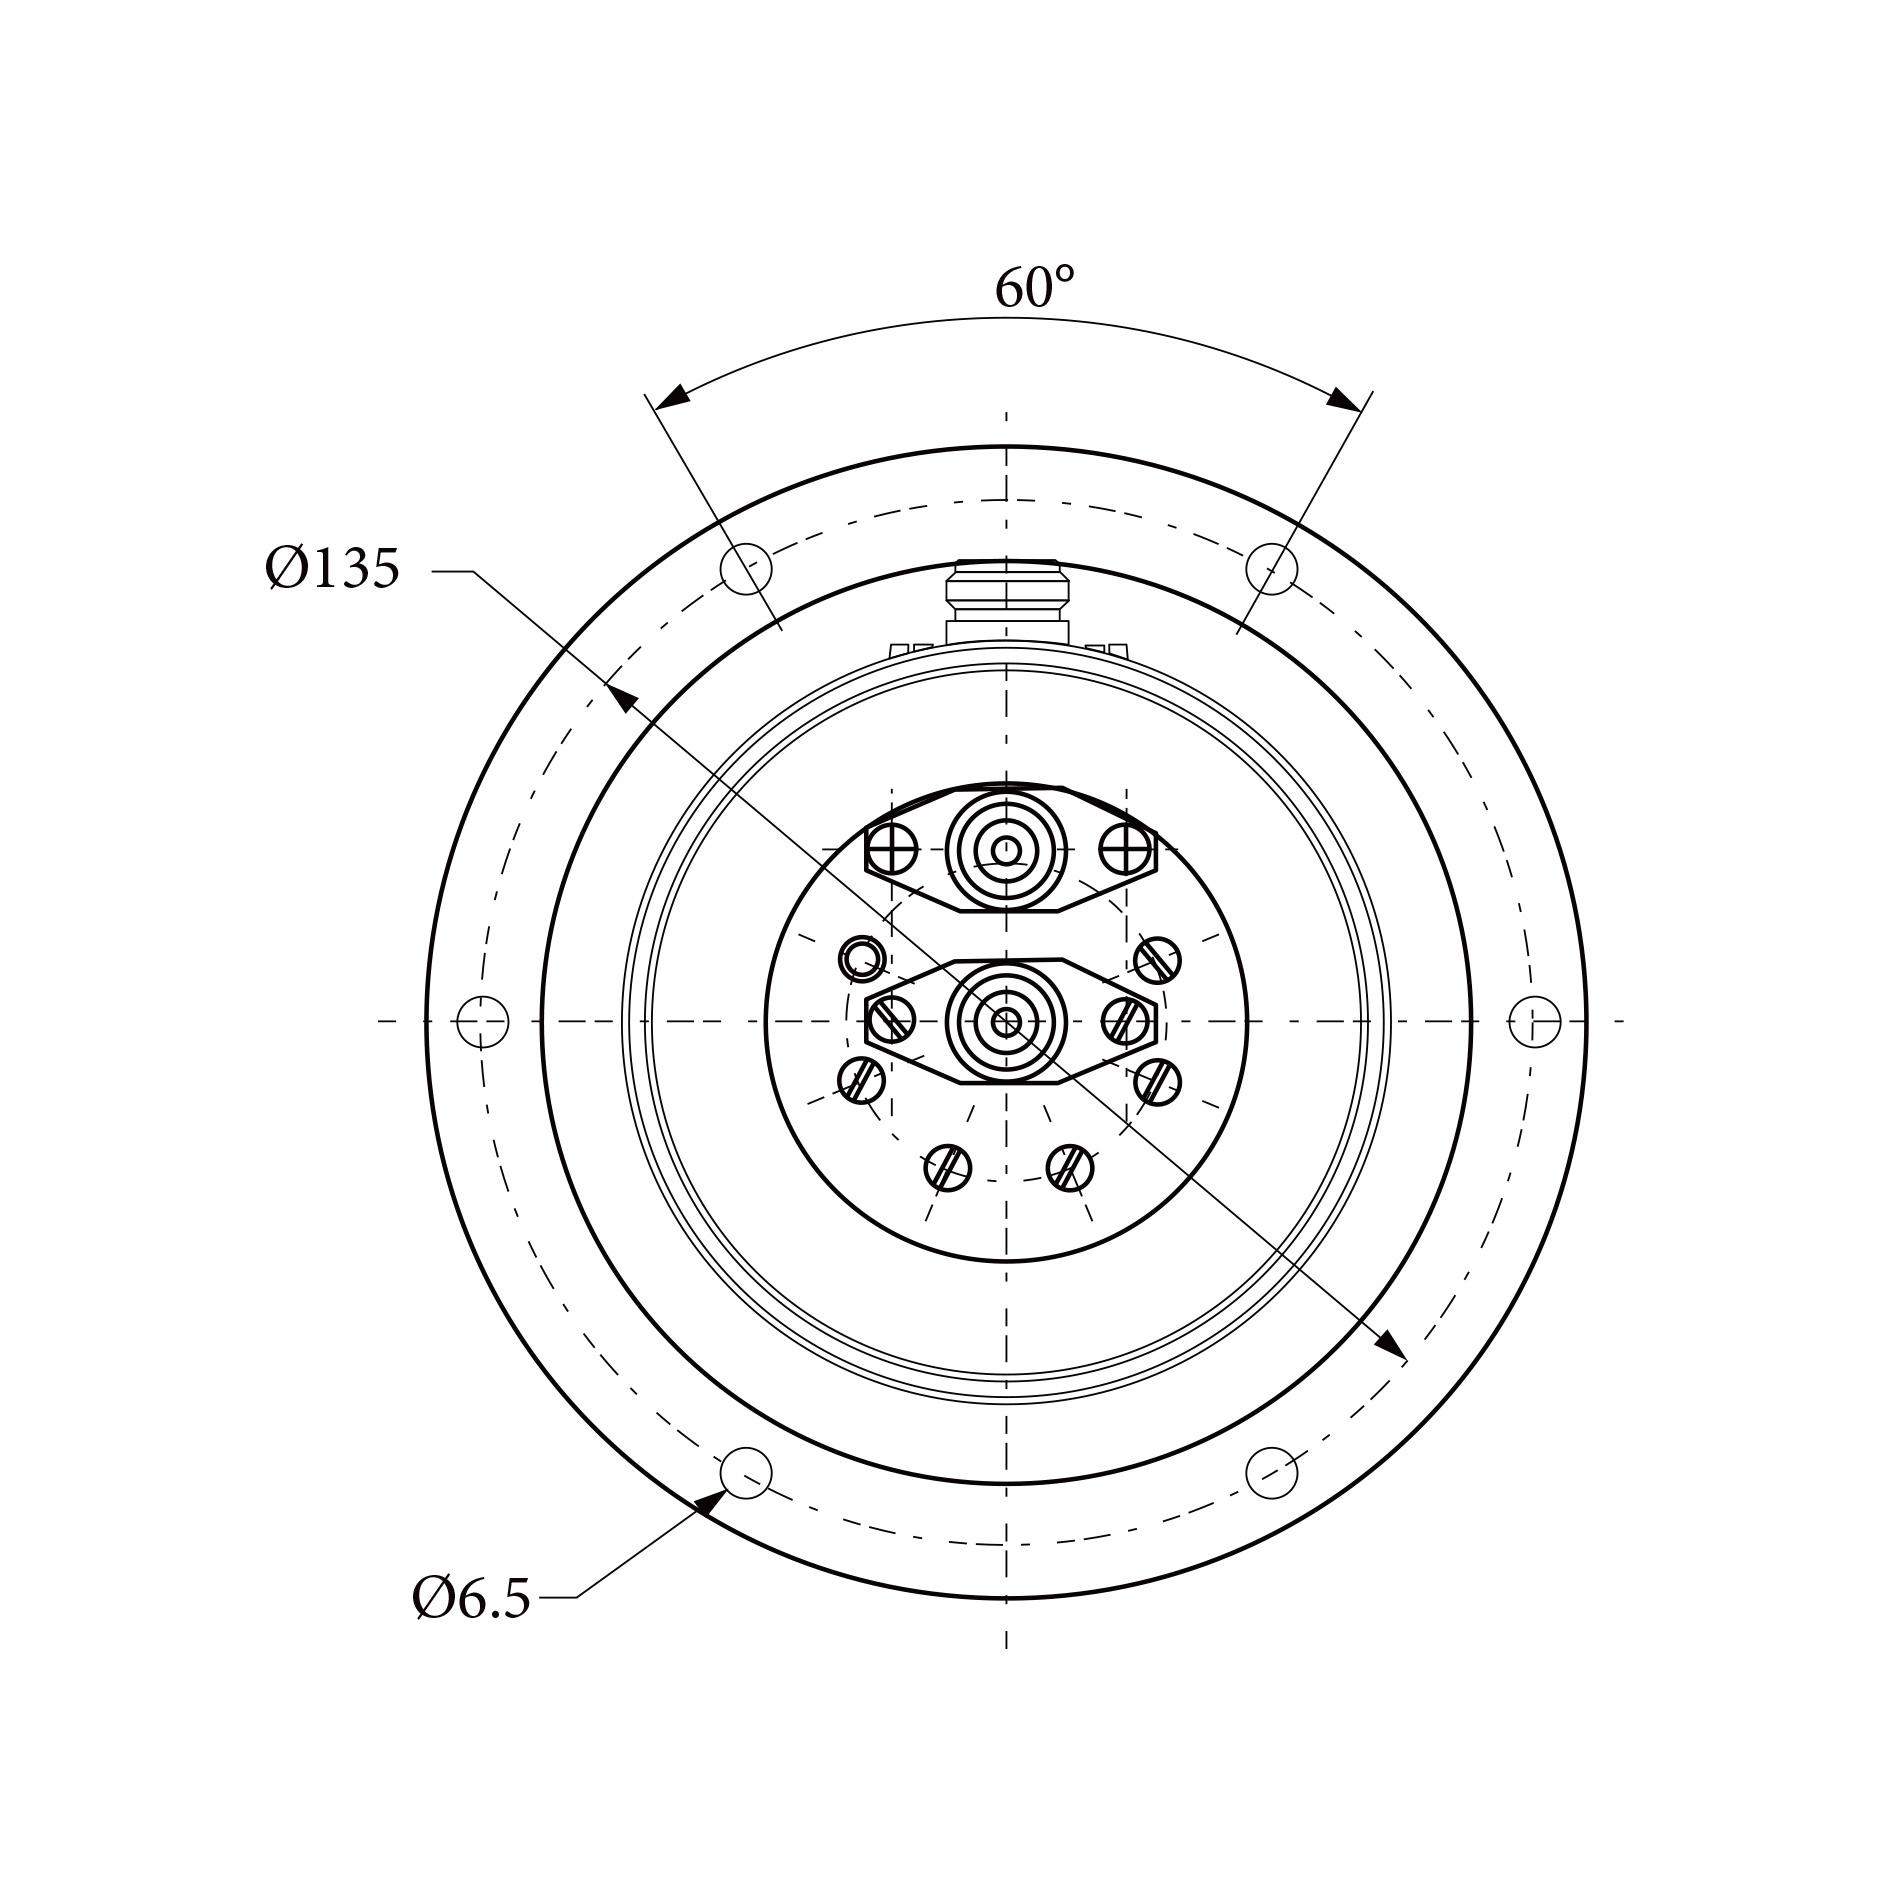 三路旋转关节RJ153183 1CH  2CH 3CH均为1.0 GHz~1.1 GHz  N型接头